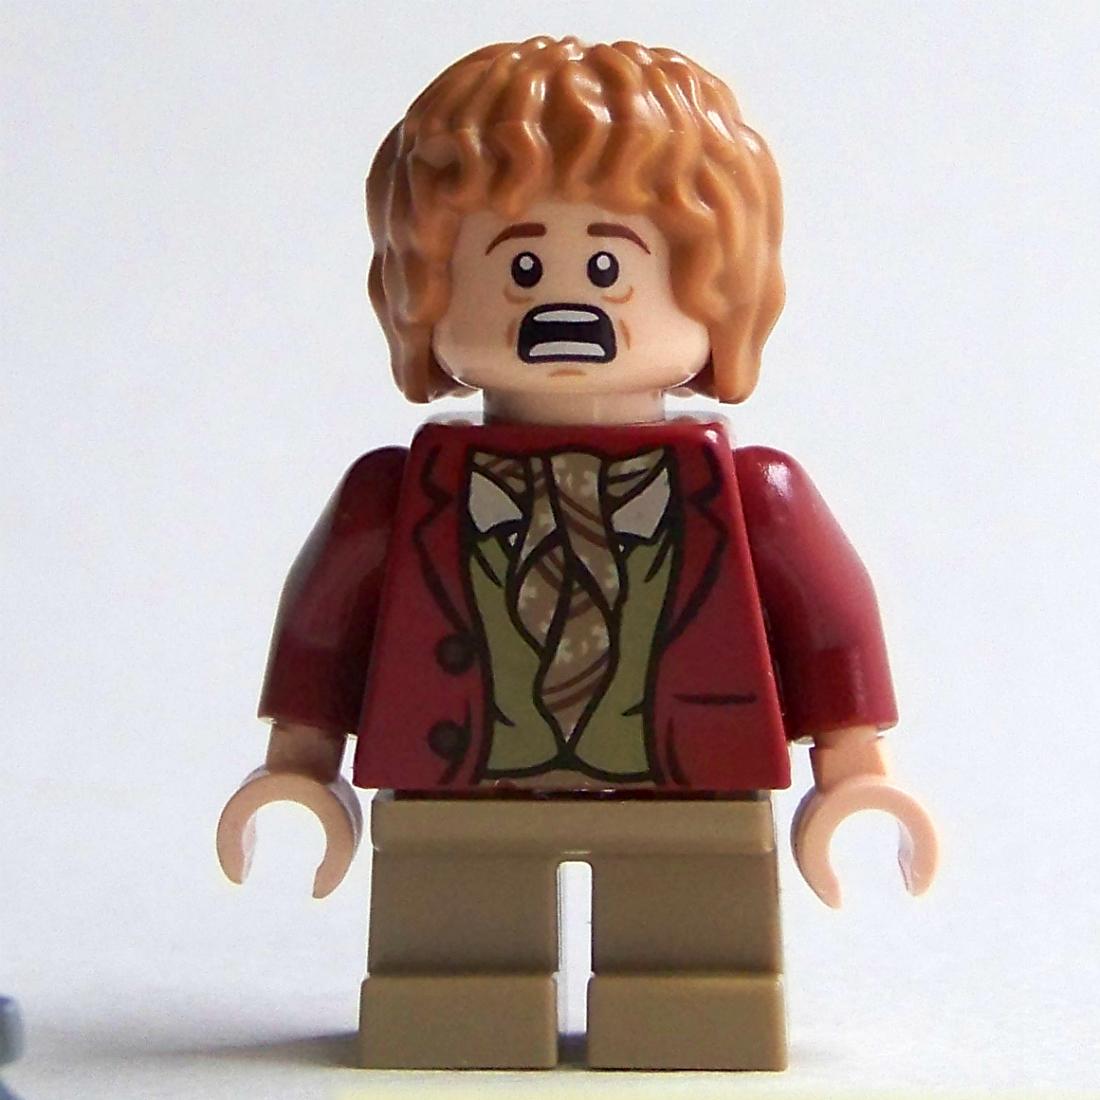 LEGO Hobbit minifigure